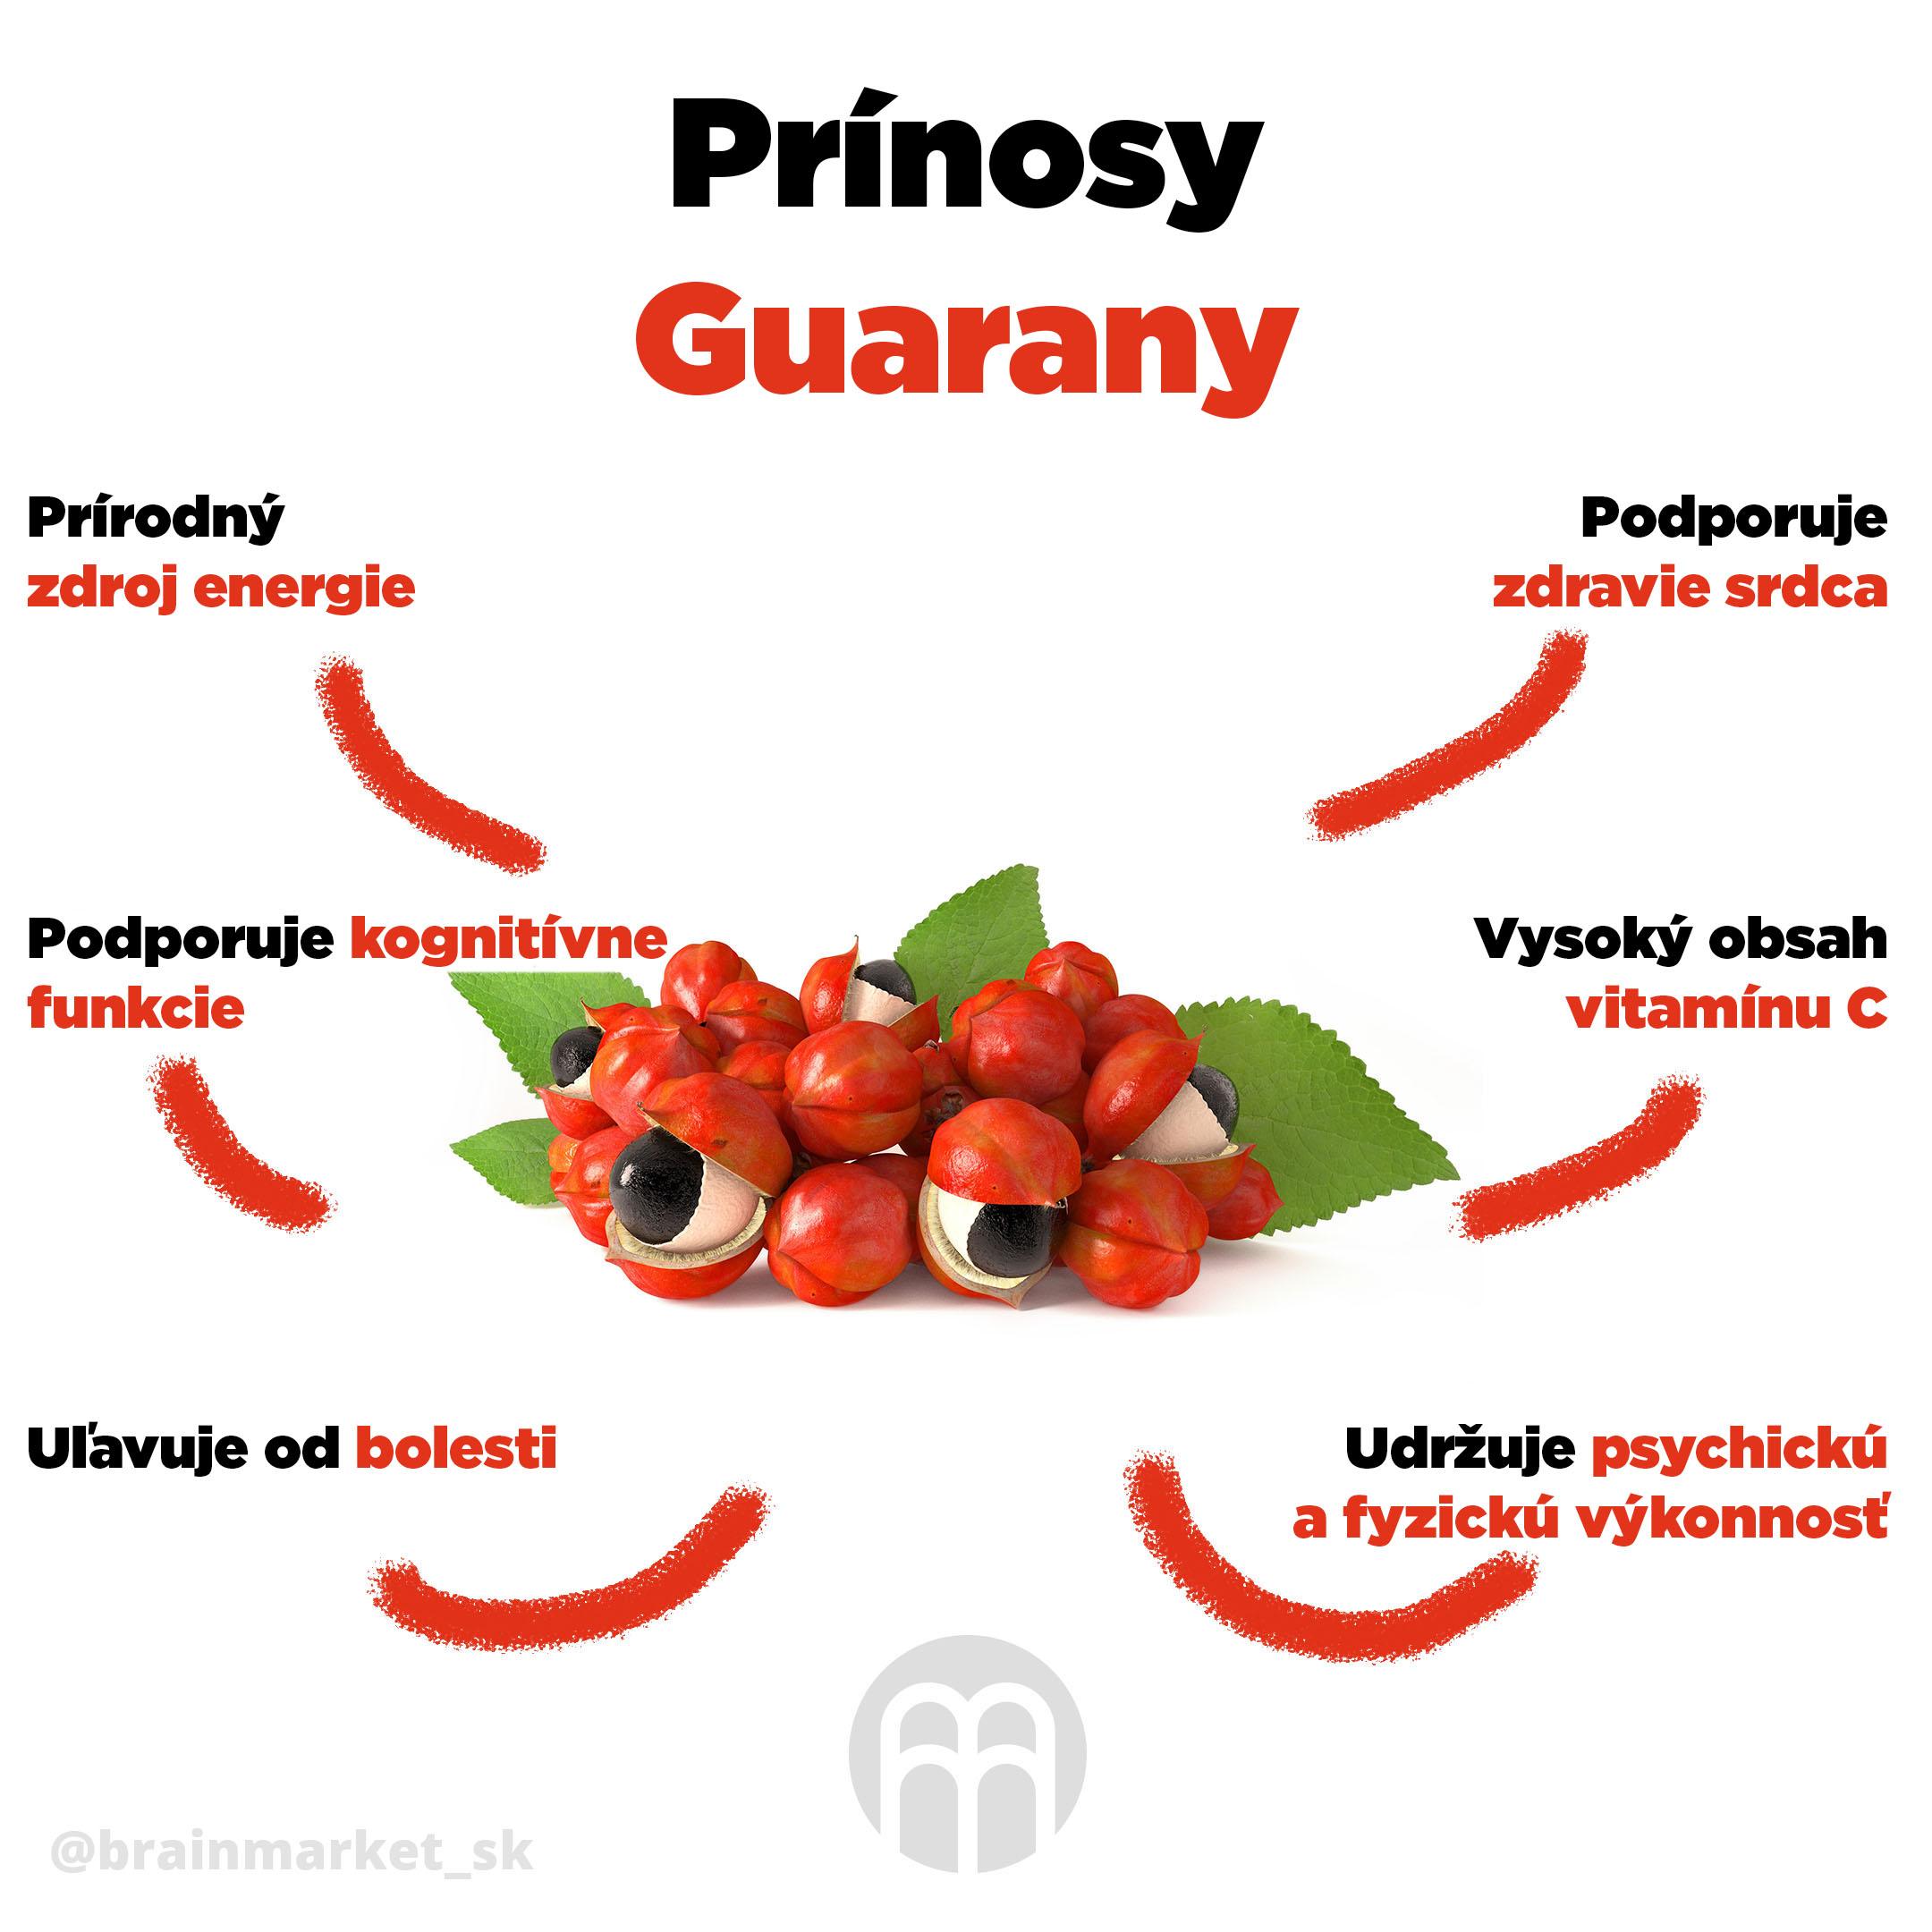 prinosy-guarany-infografika-brainmarket-sk